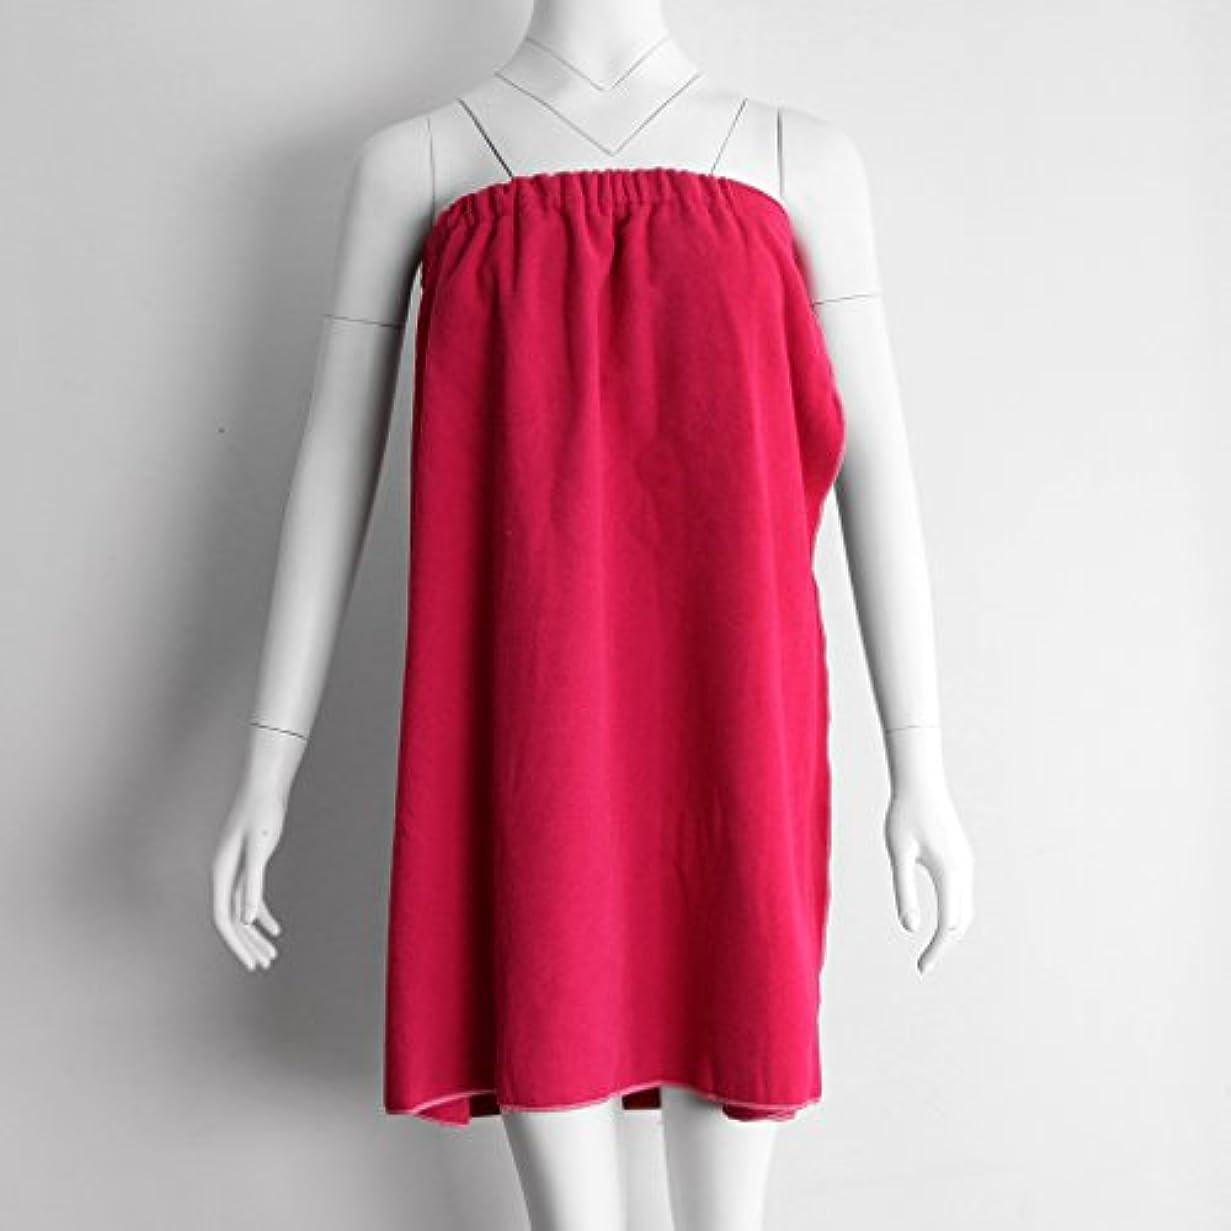 証明する分豆腐Perfk タオルラップ バスタオル バススカート レディース シャワーラップ 約68×54cm 4色選べる - 赤